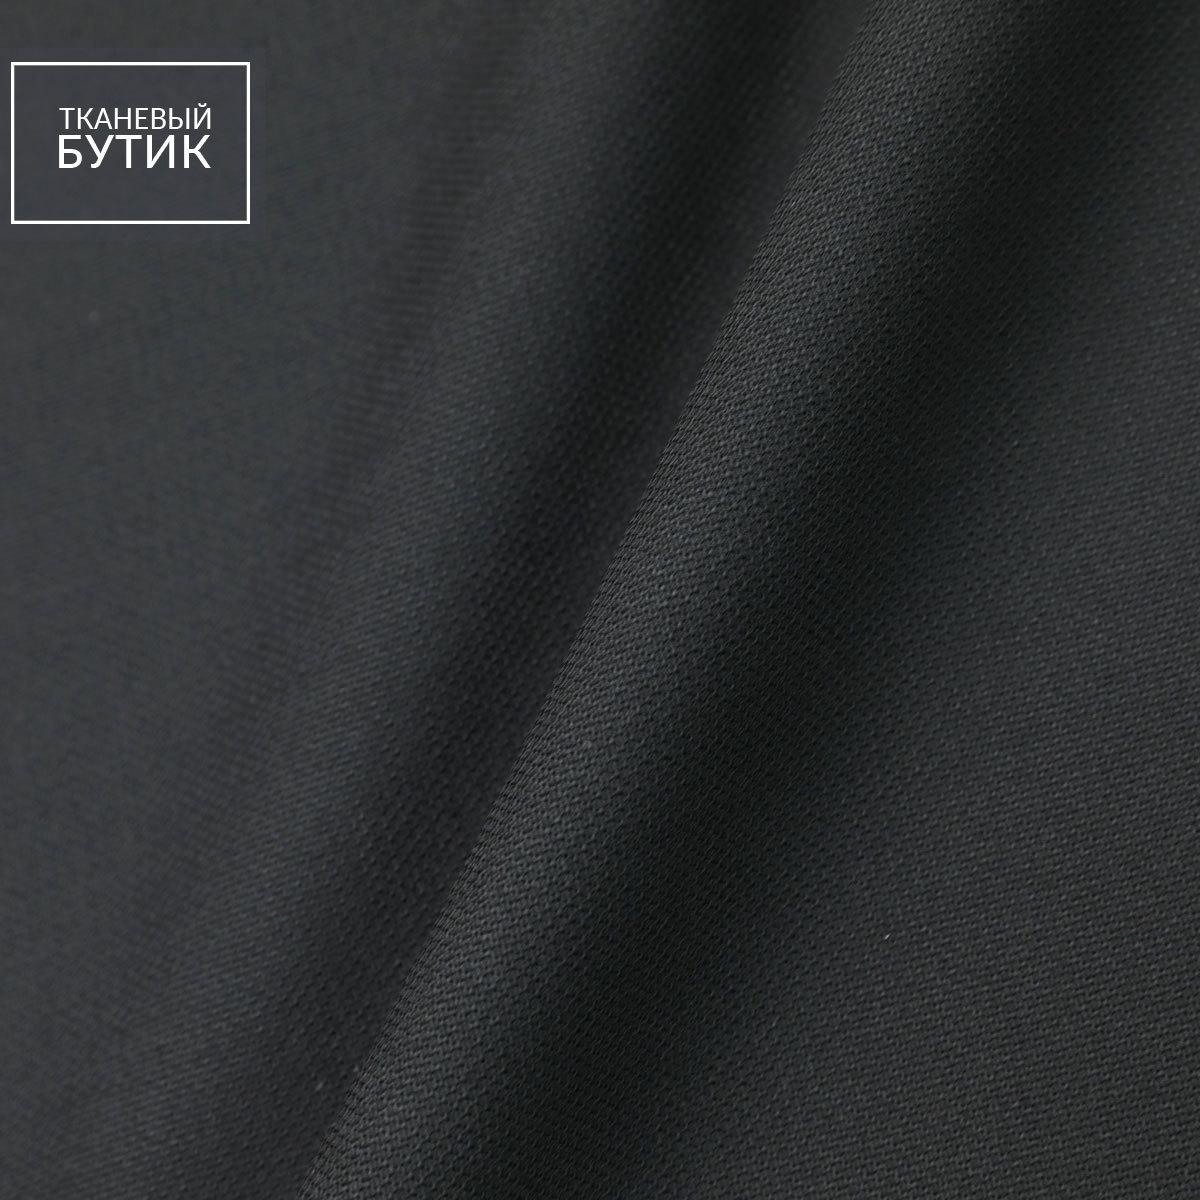 Черная костюмно-плательная шерстяная ткань с эластаном